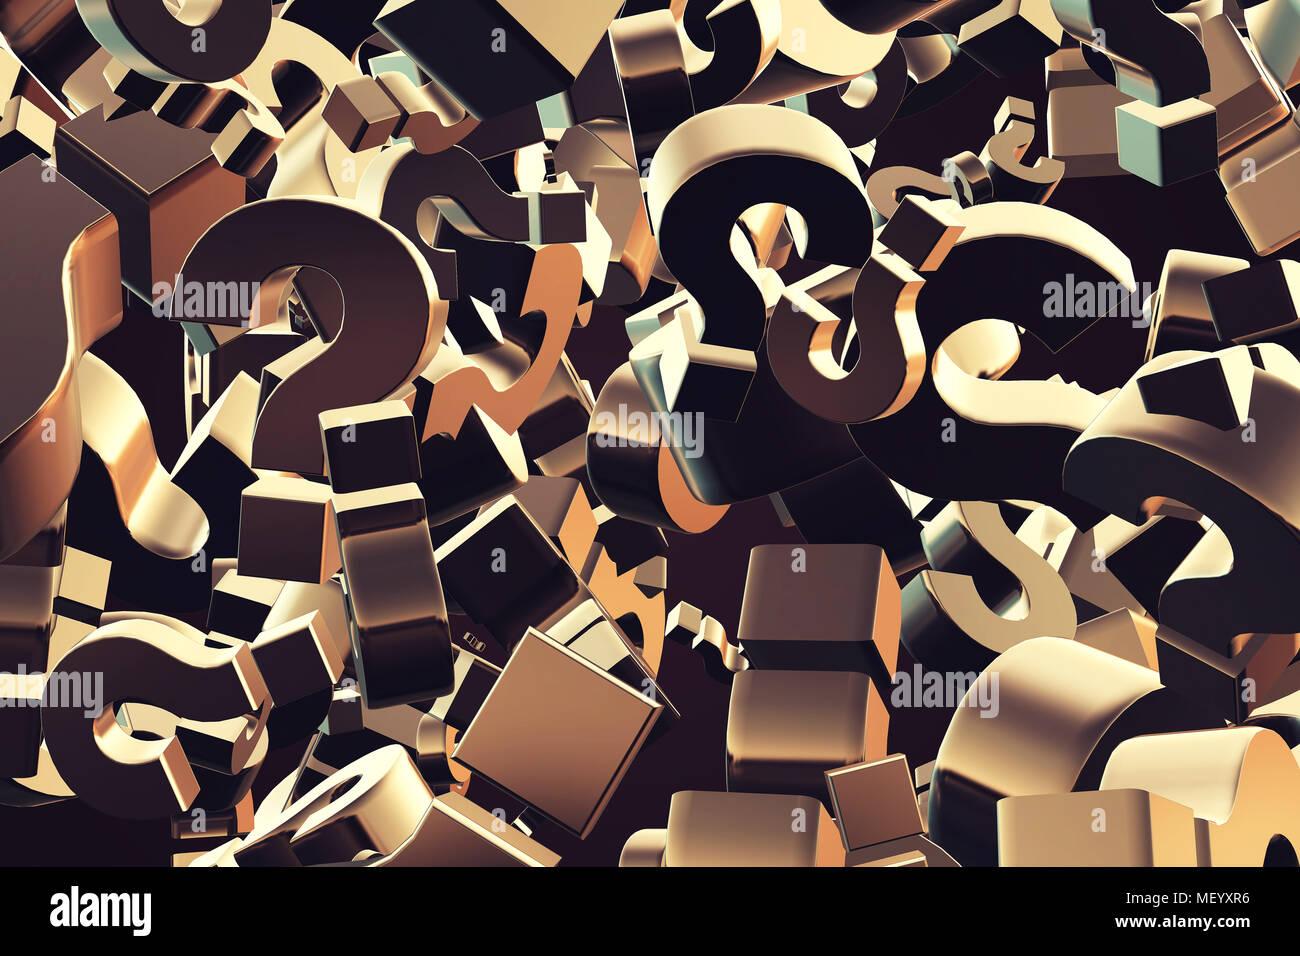 3D Rendering Illustration von explodierenden Fragezeichen Teilchen als Konzept der perplexion und Verwirrung, auf der Suche nach Antworten Stockbild